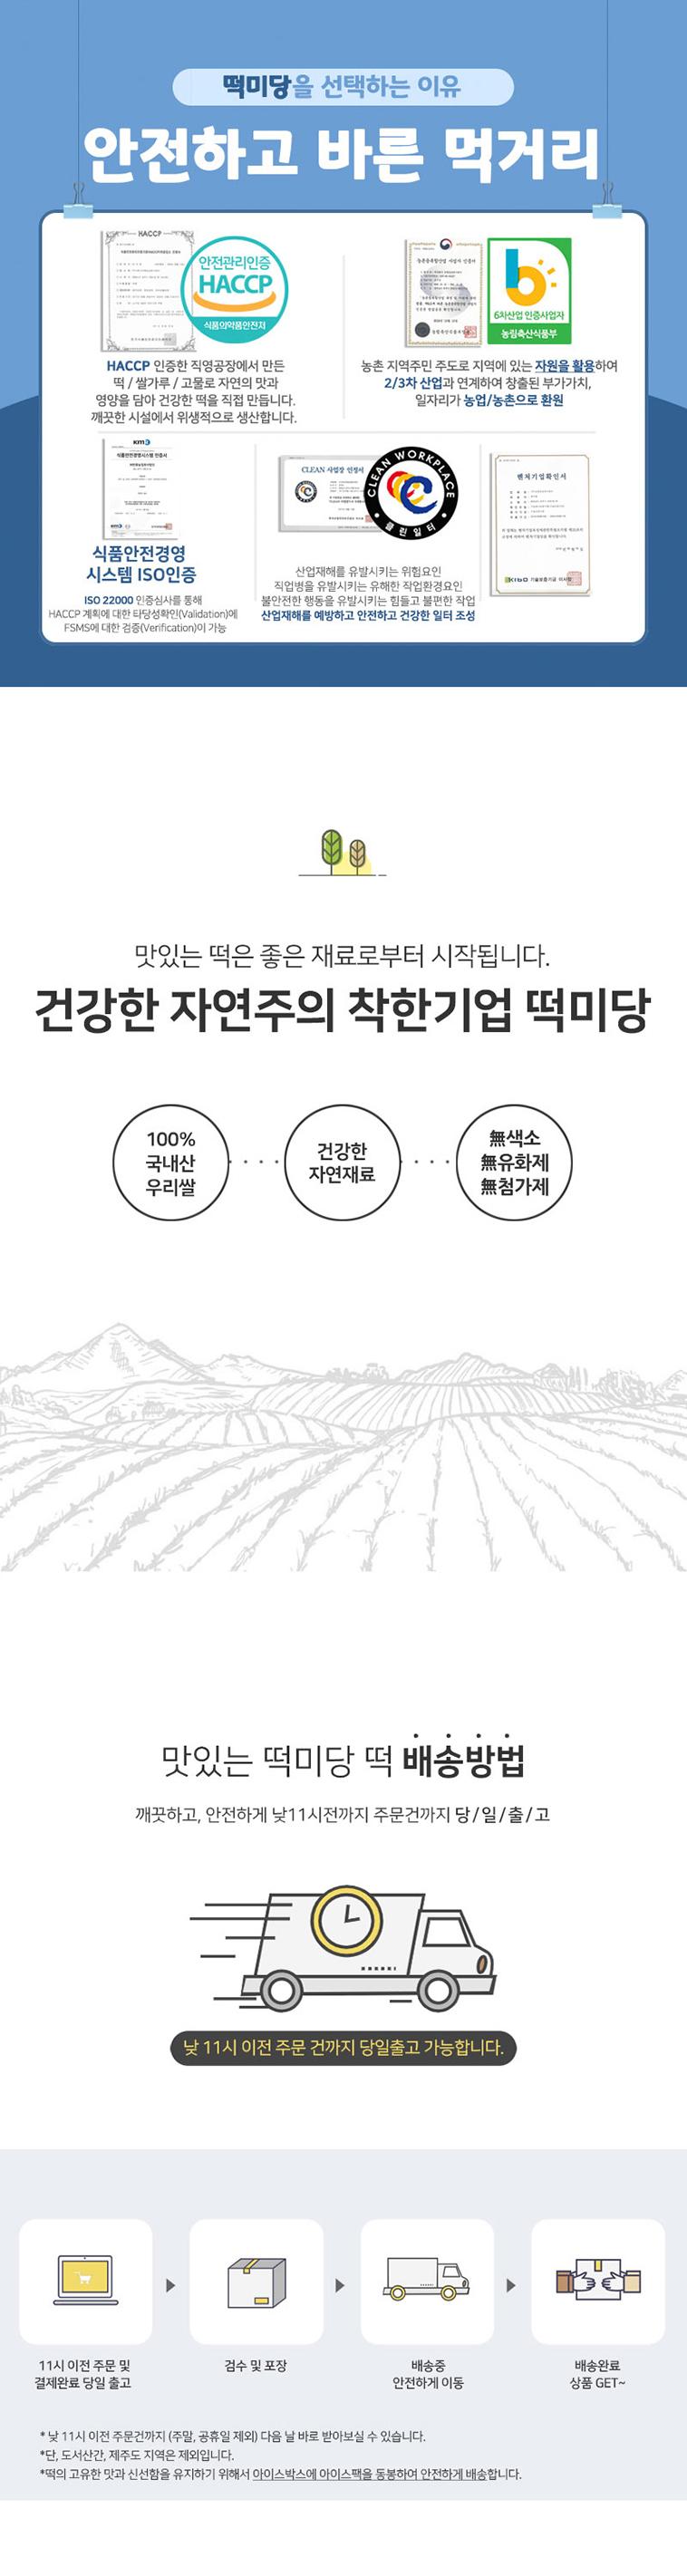 떡미당배송시간.jpg